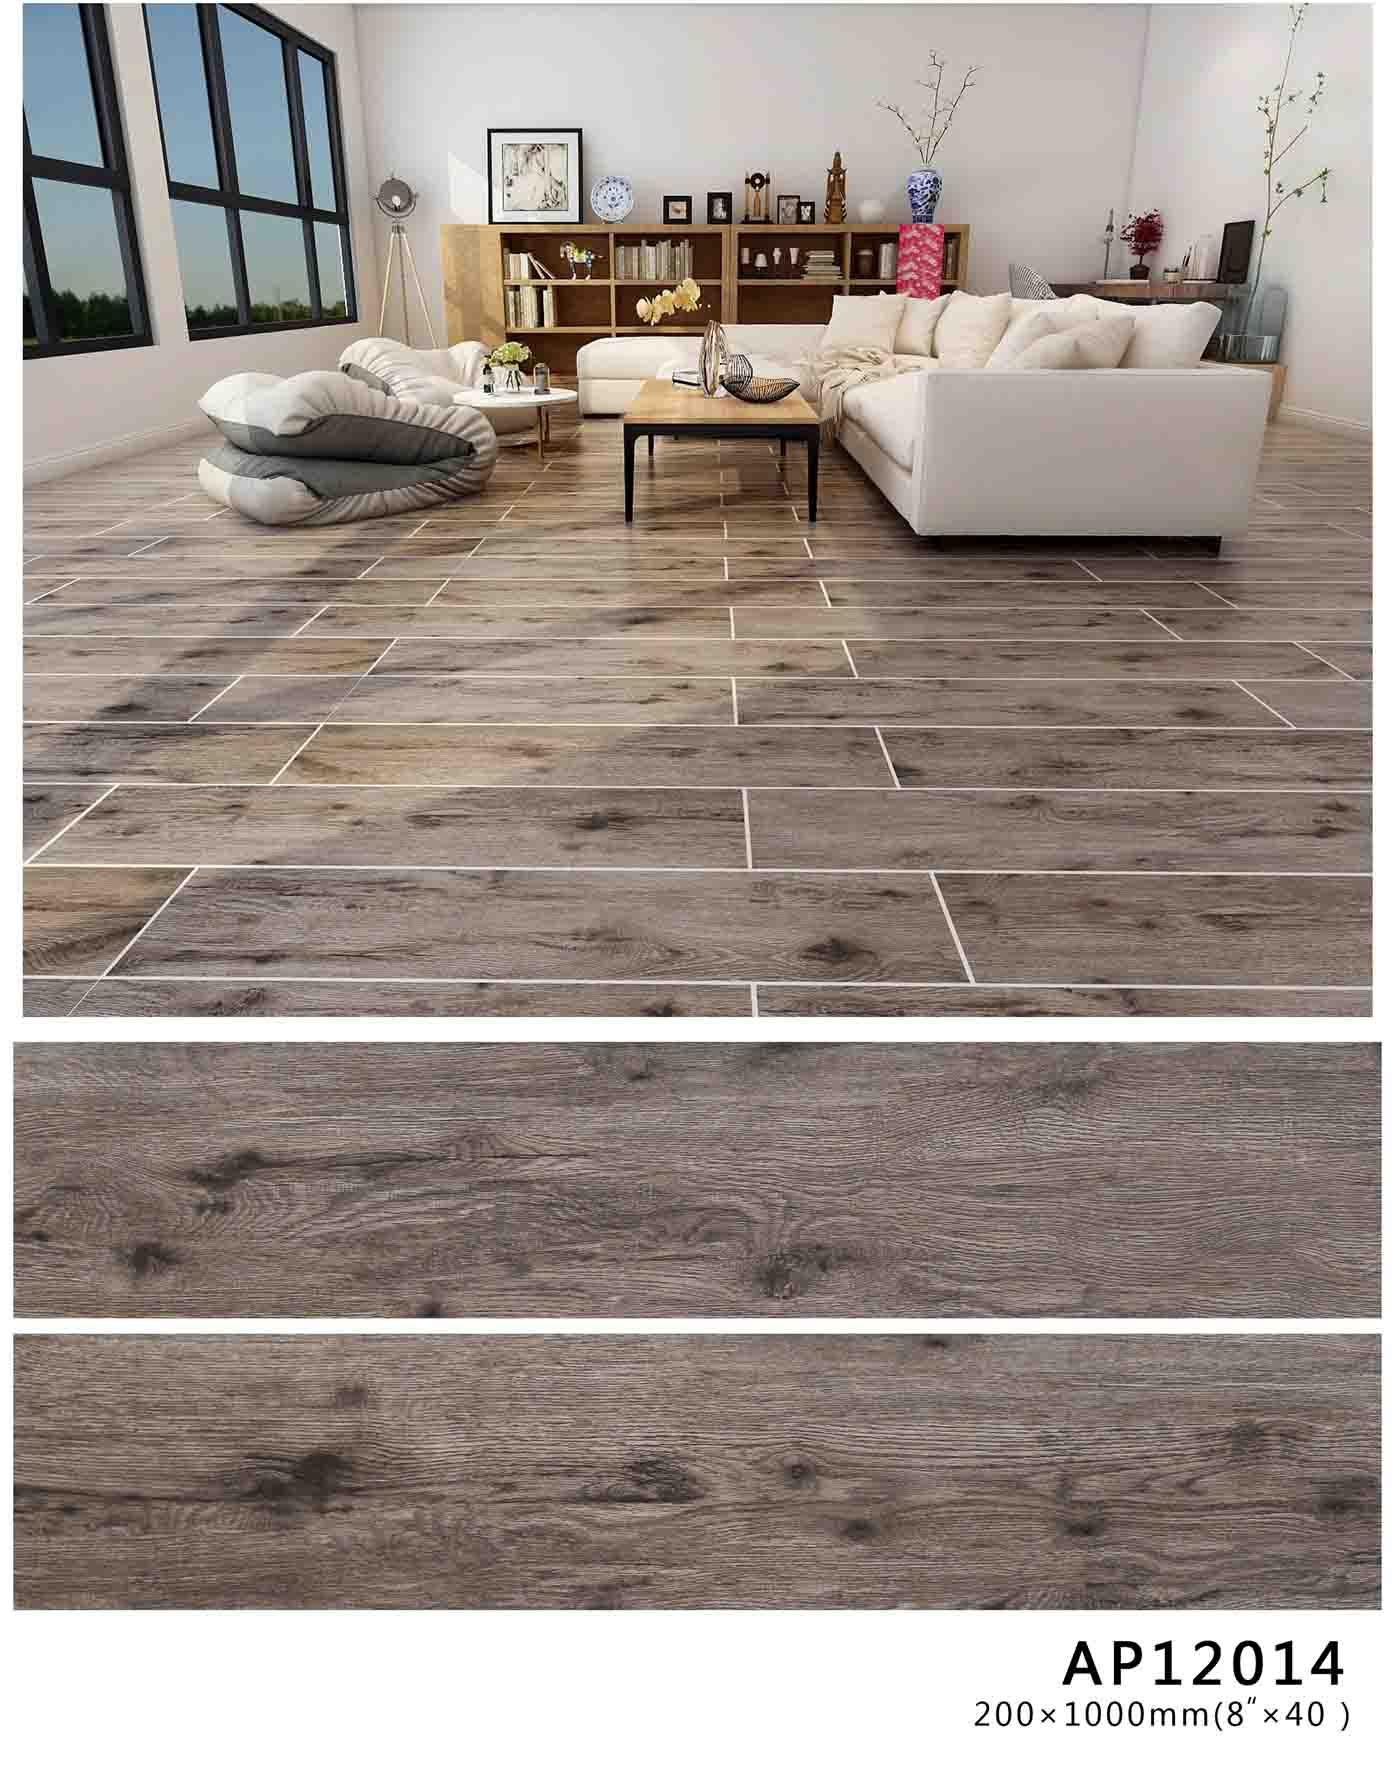 玉金山油漆木纹瓷砖-江苏木纹砖厂家-瓷质木纹瓷砖生产厂家A